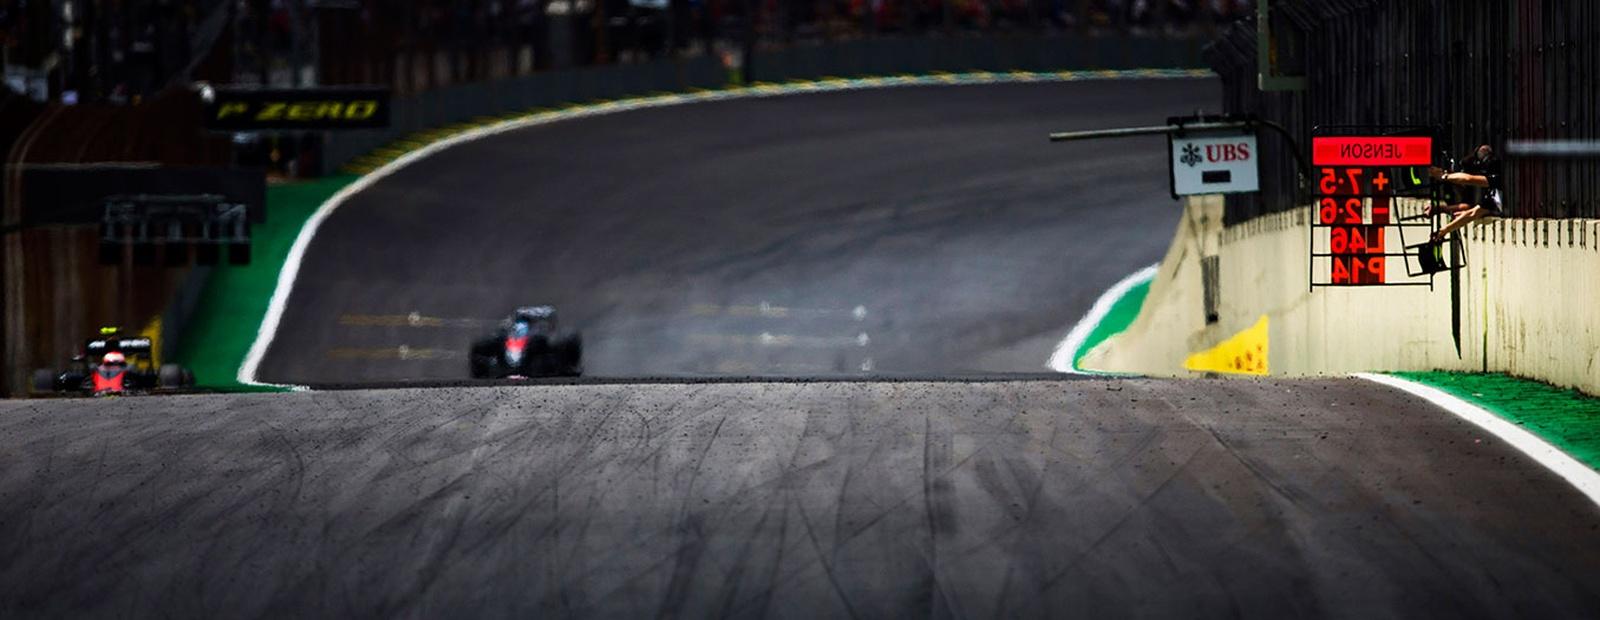 3c3fdac110b1 McLaren Formula 1 - 2016 Season - Brazilian Grand Prix